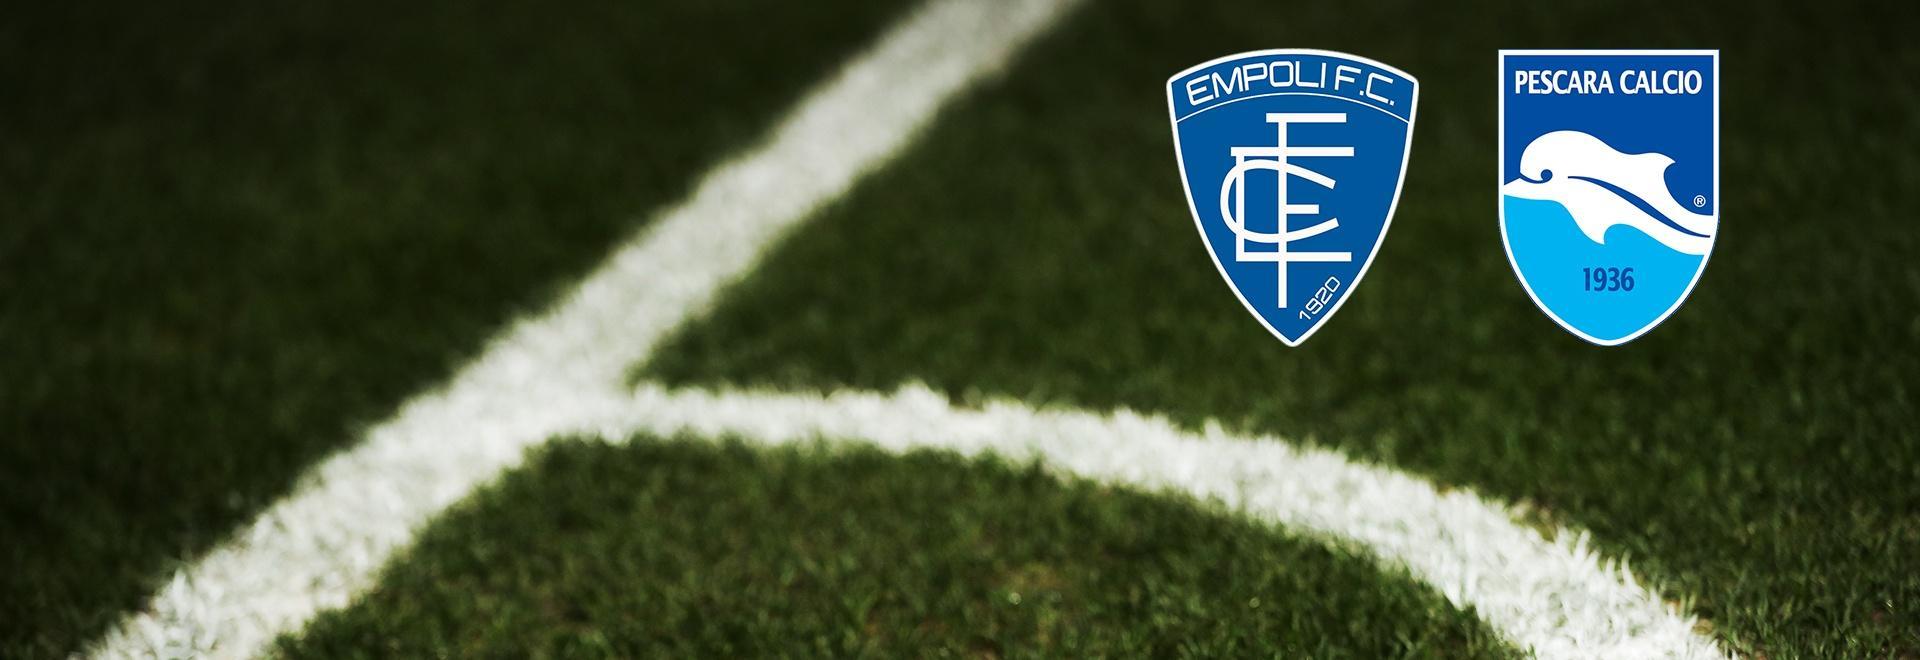 Empoli - Pescara. 12a g.